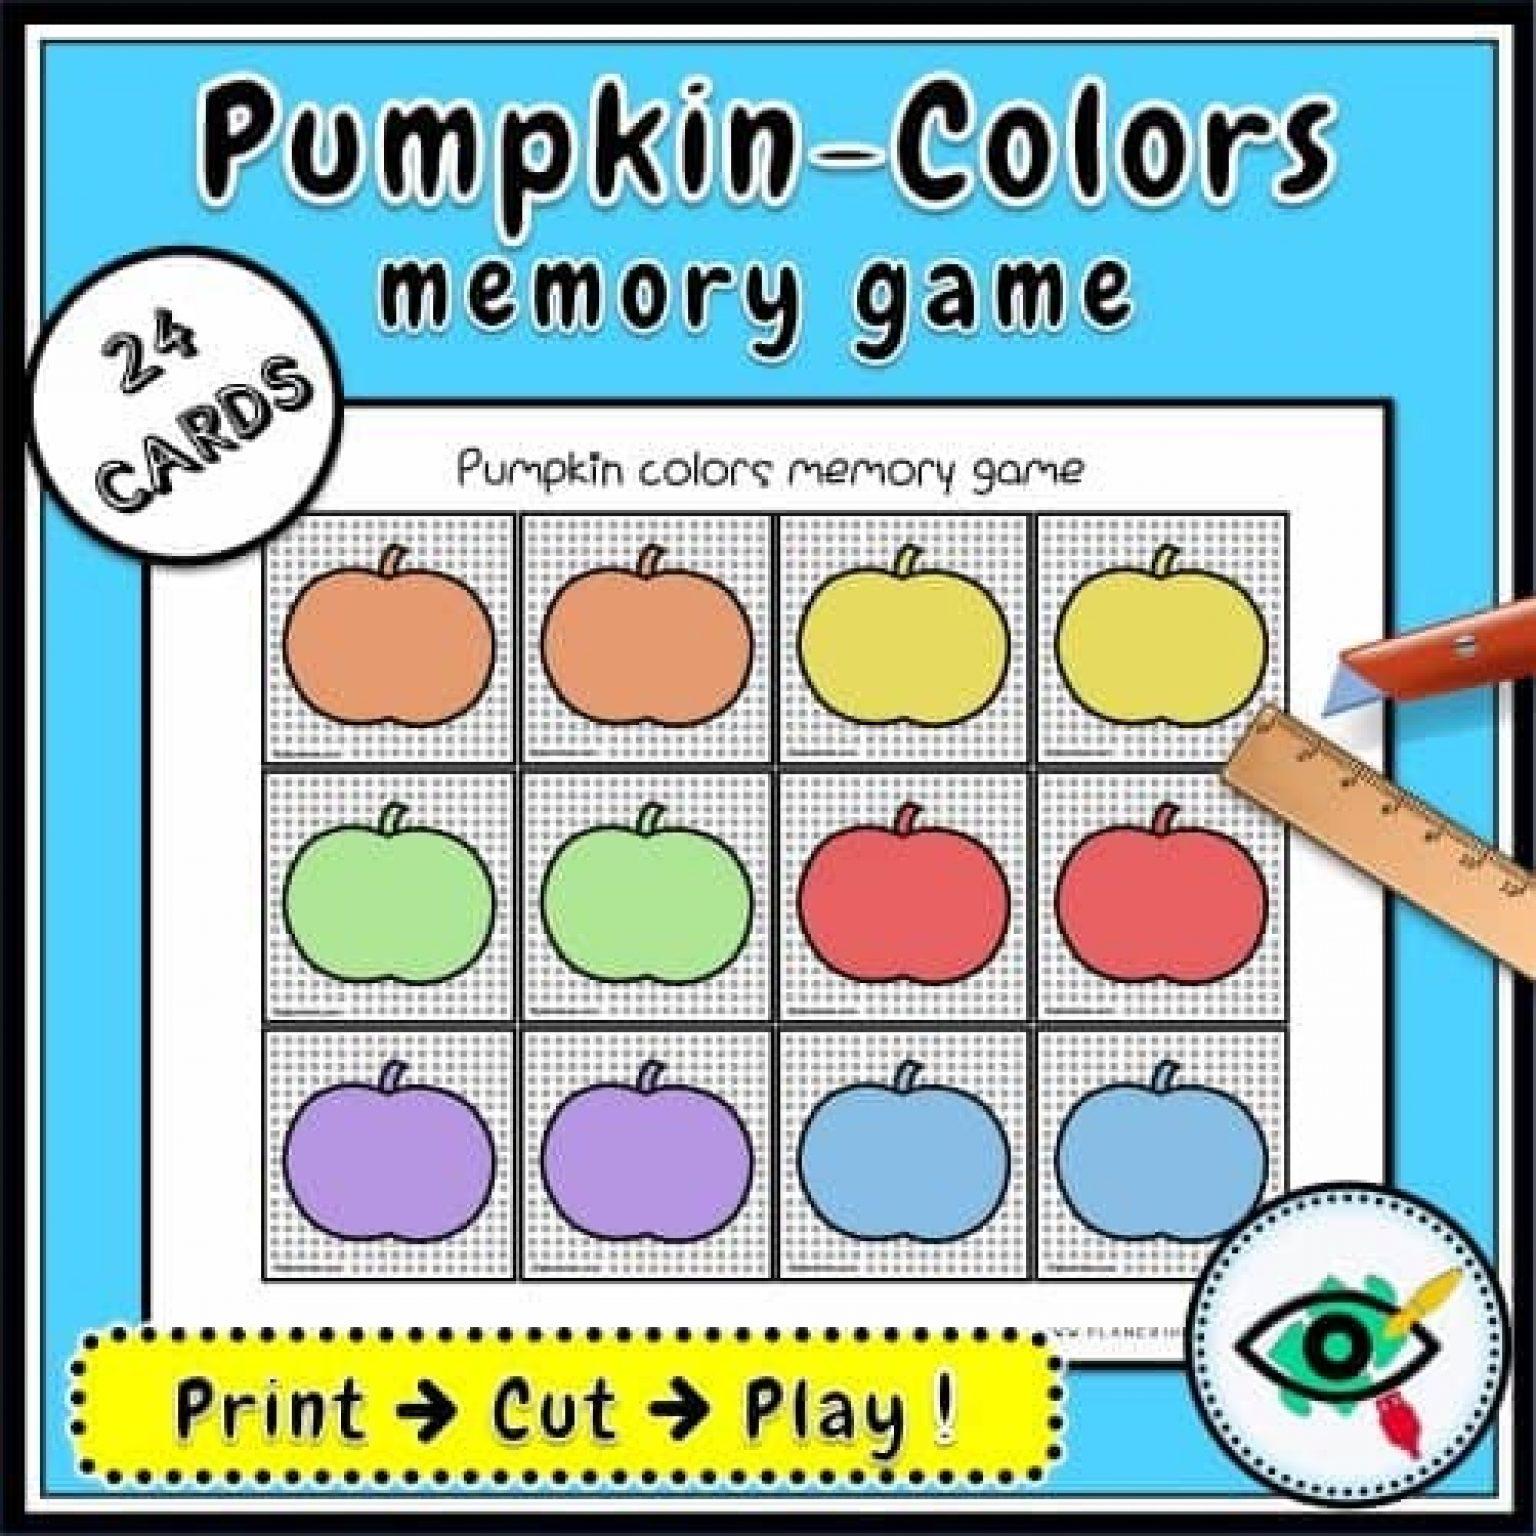 pumpkin-colors-memory-game-title2